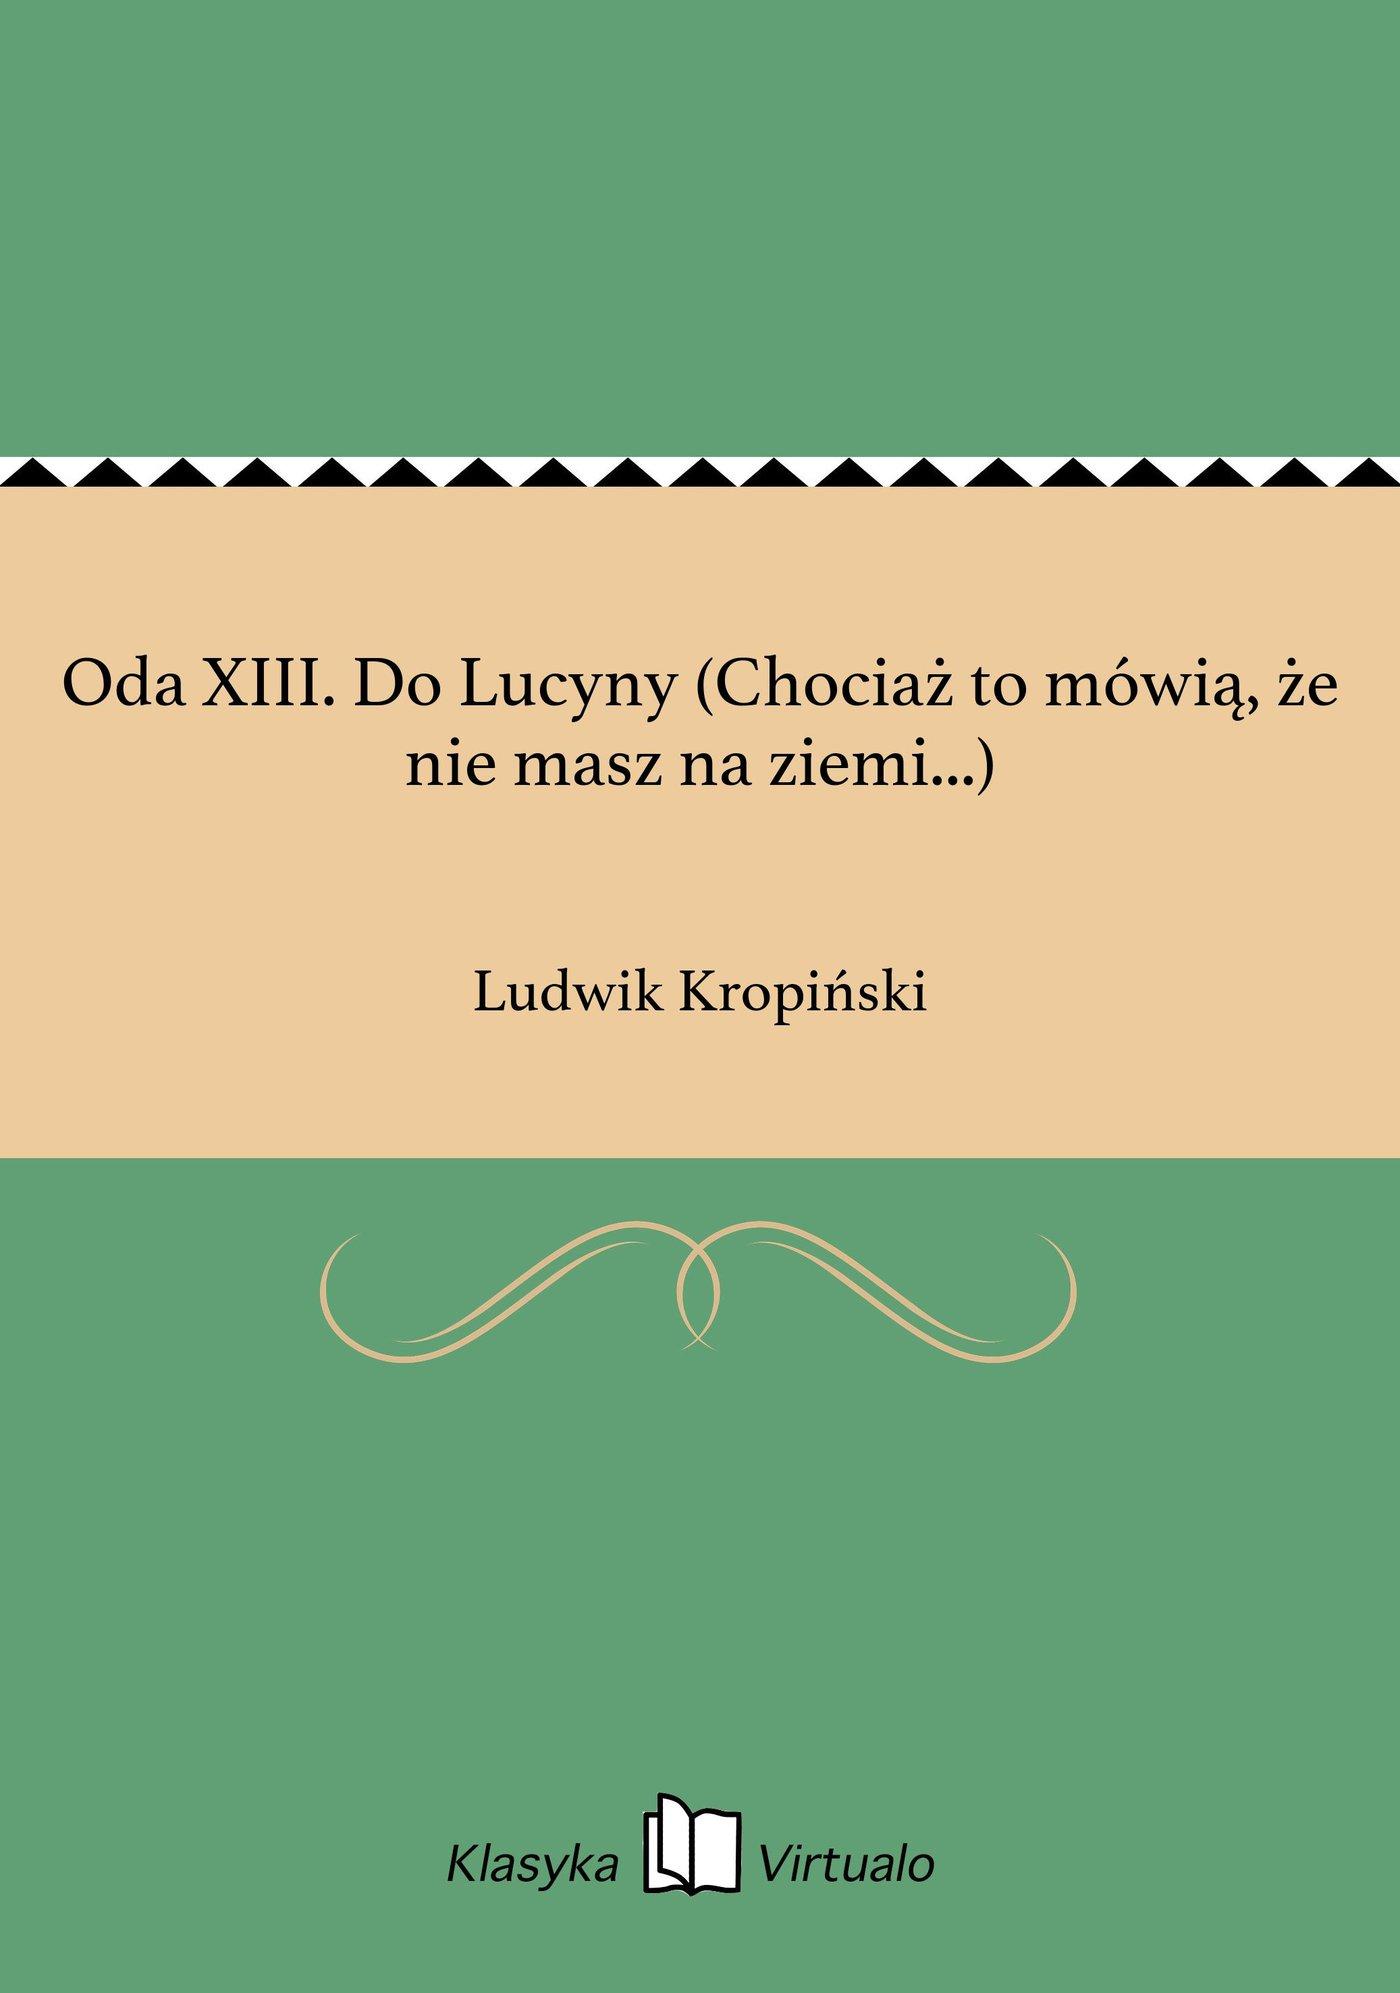 Oda XIII. Do Lucyny (Chociaż to mówią, że nie masz na ziemi...) - Ebook (Książka EPUB) do pobrania w formacie EPUB